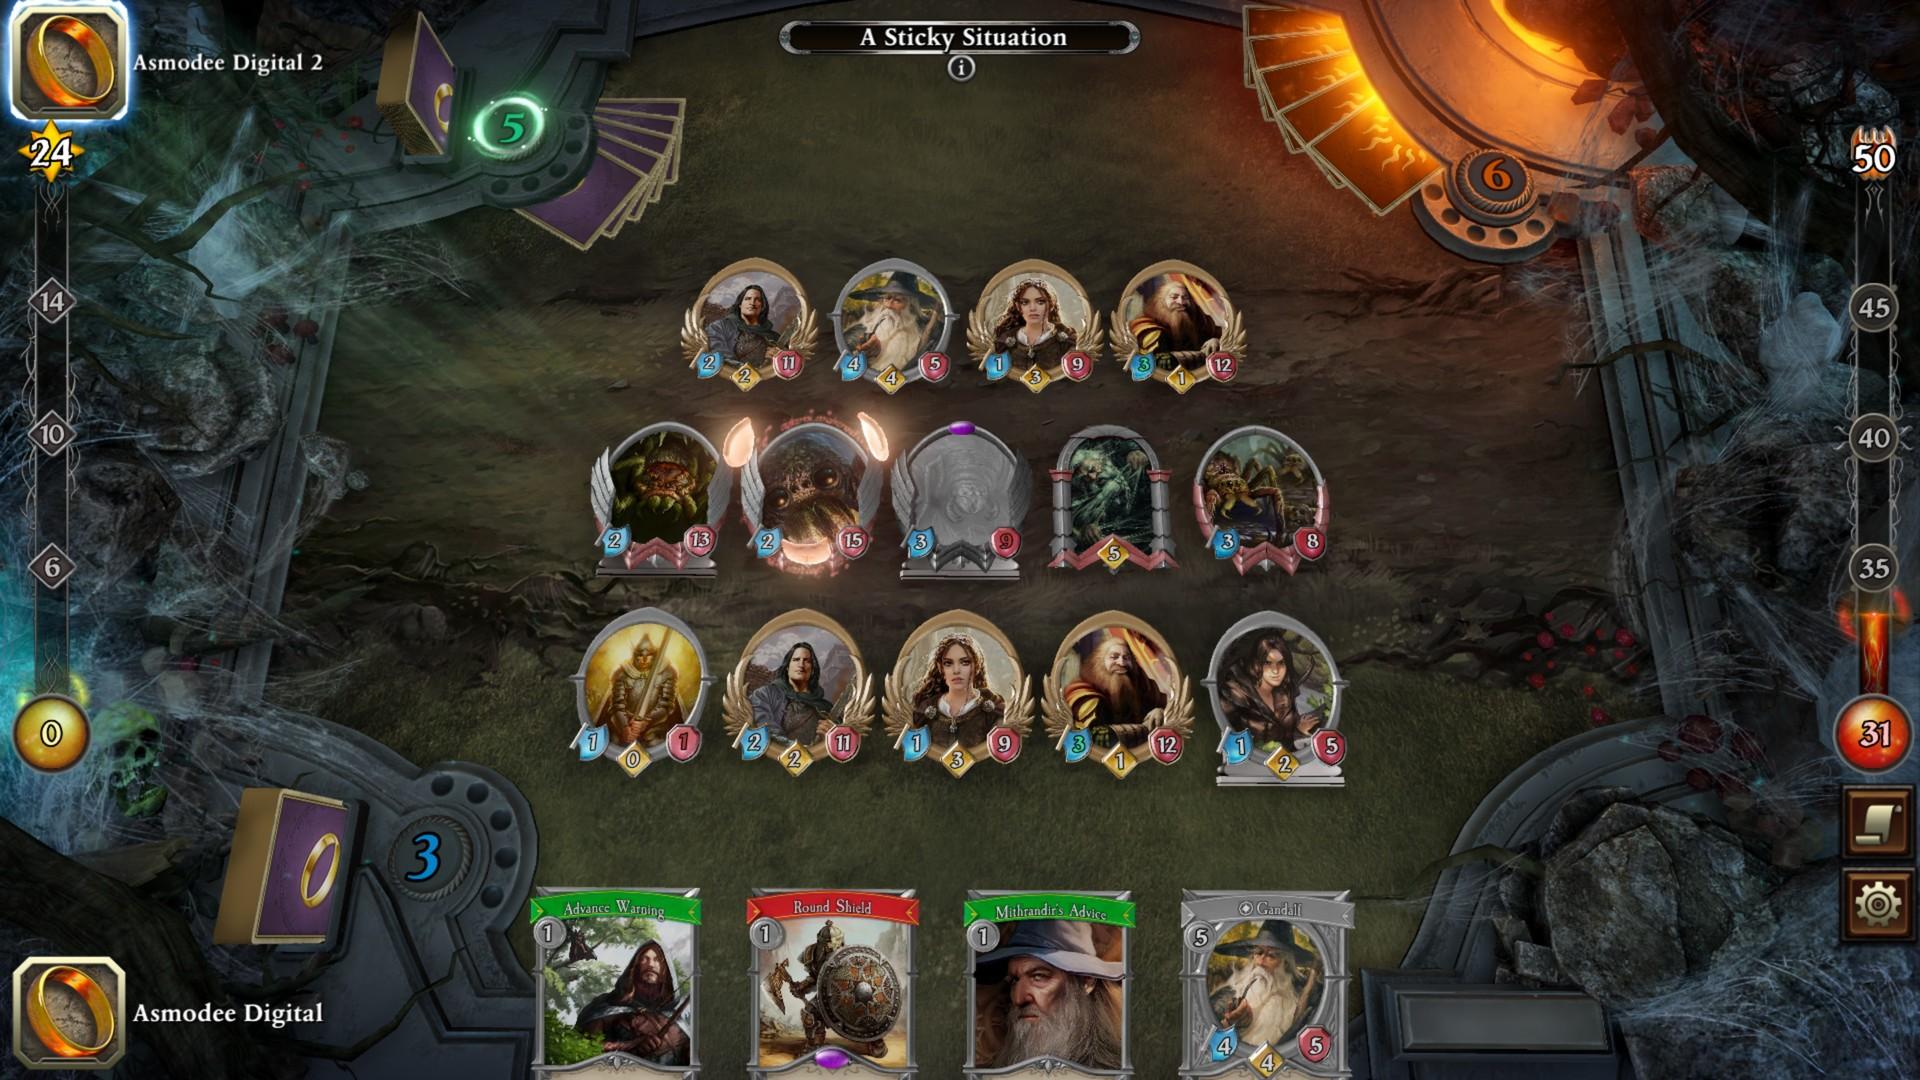 O Senhor dos Anéis: Jogo de Cartas de Aventura Lançamento Completo Atrasado ...